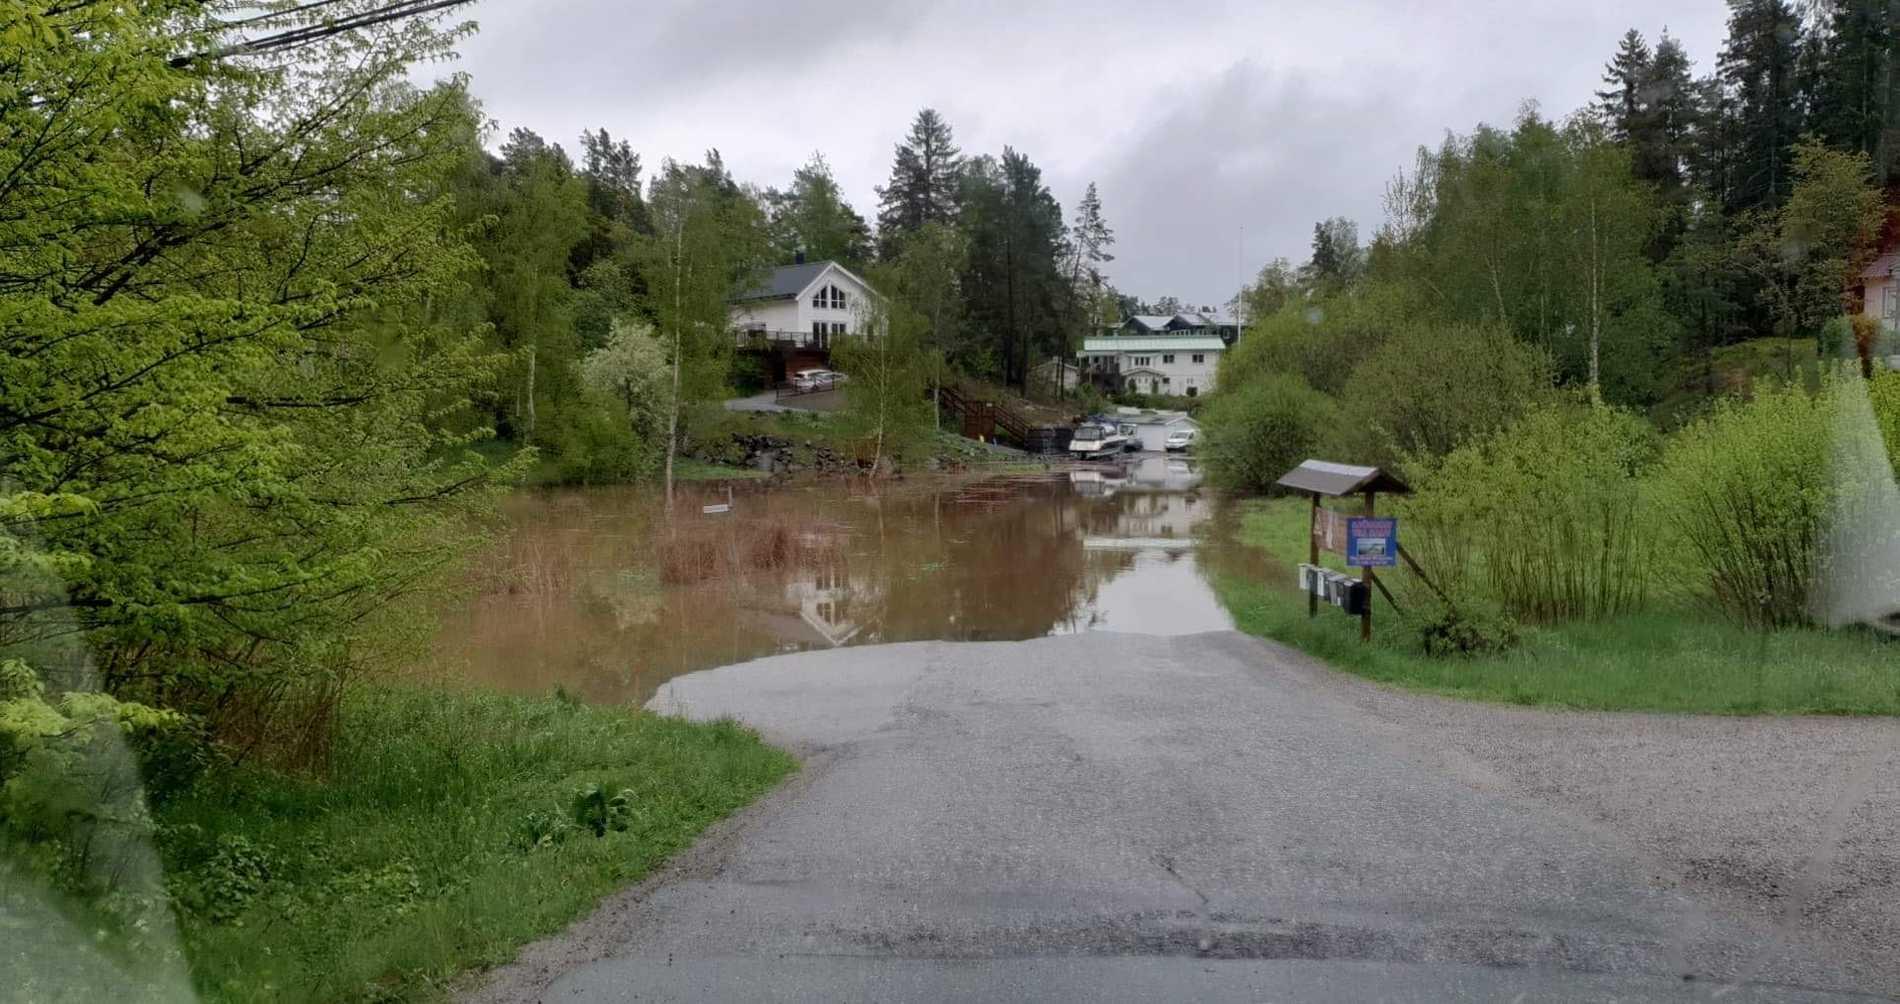 Så här såg det ut tidigt i morse i Flaxenvik när Peter Lundmark skulle åka till jobbet.